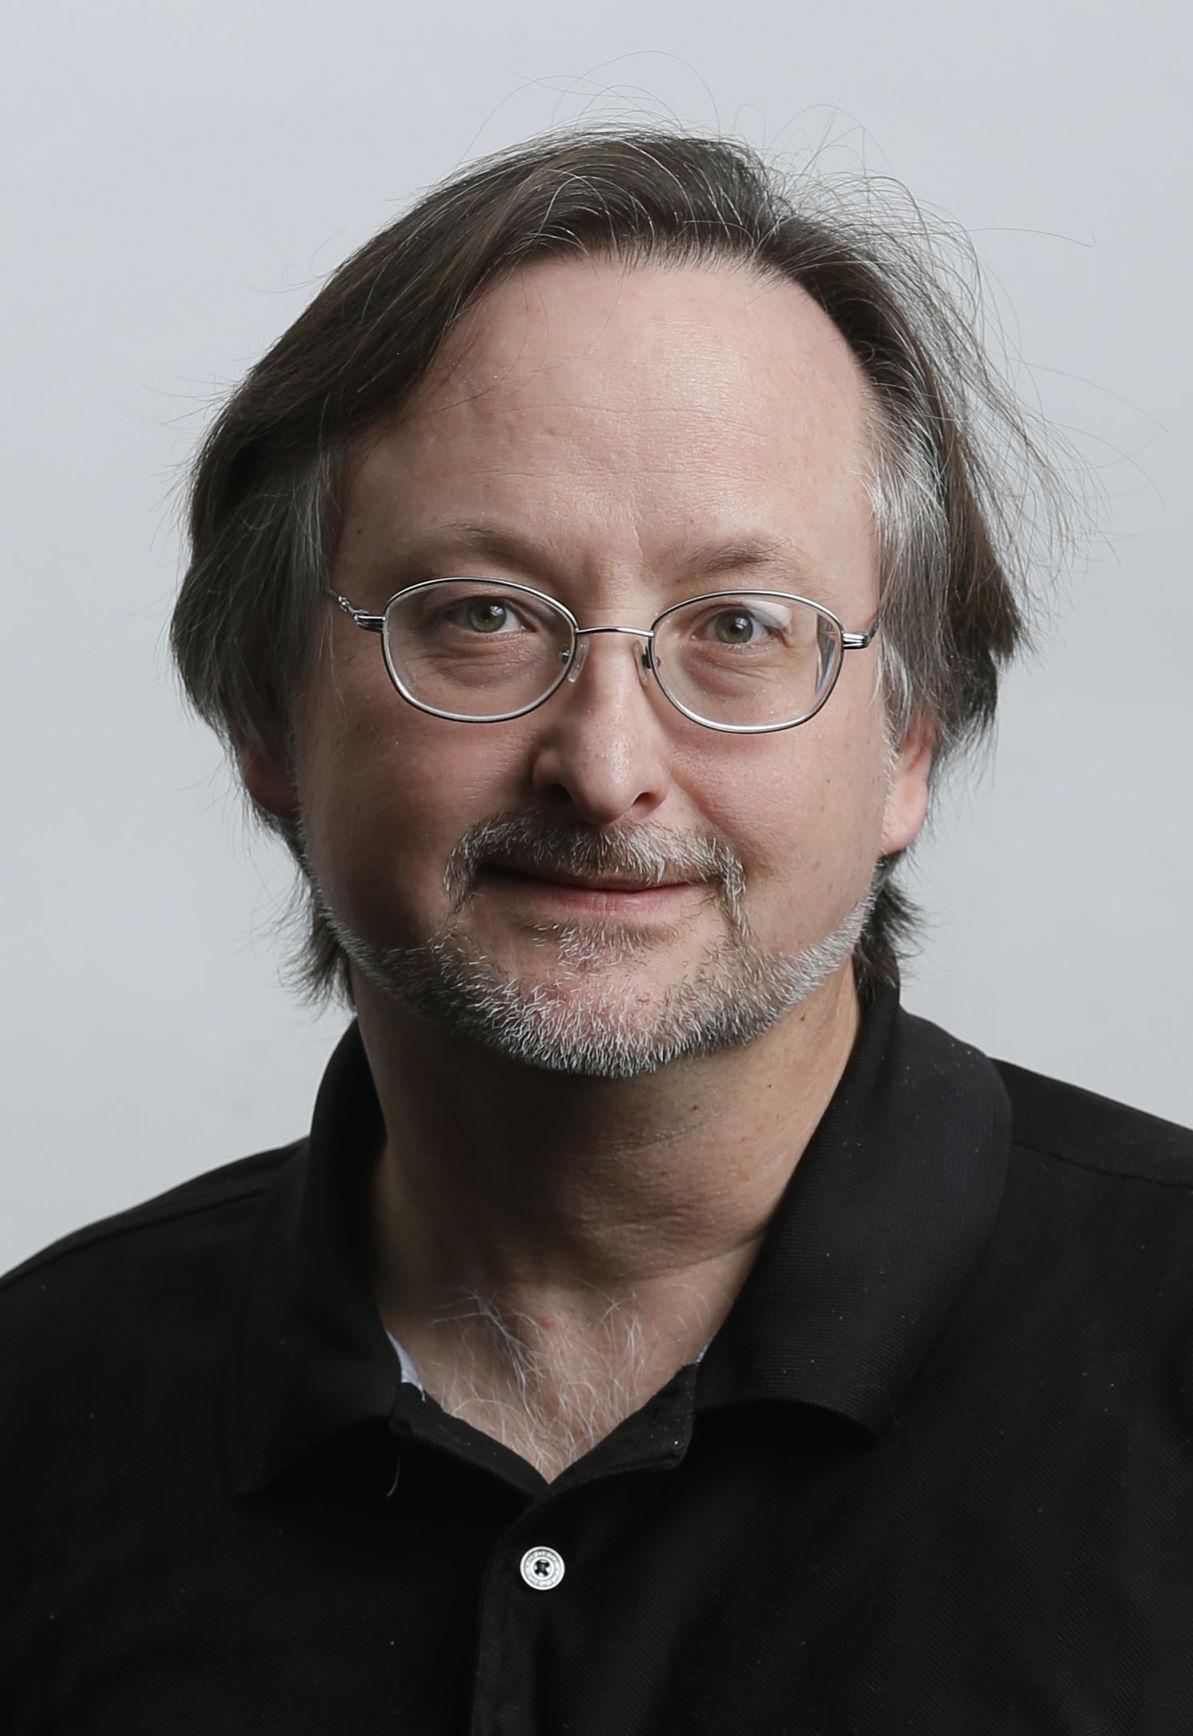 Jeff Reinitz